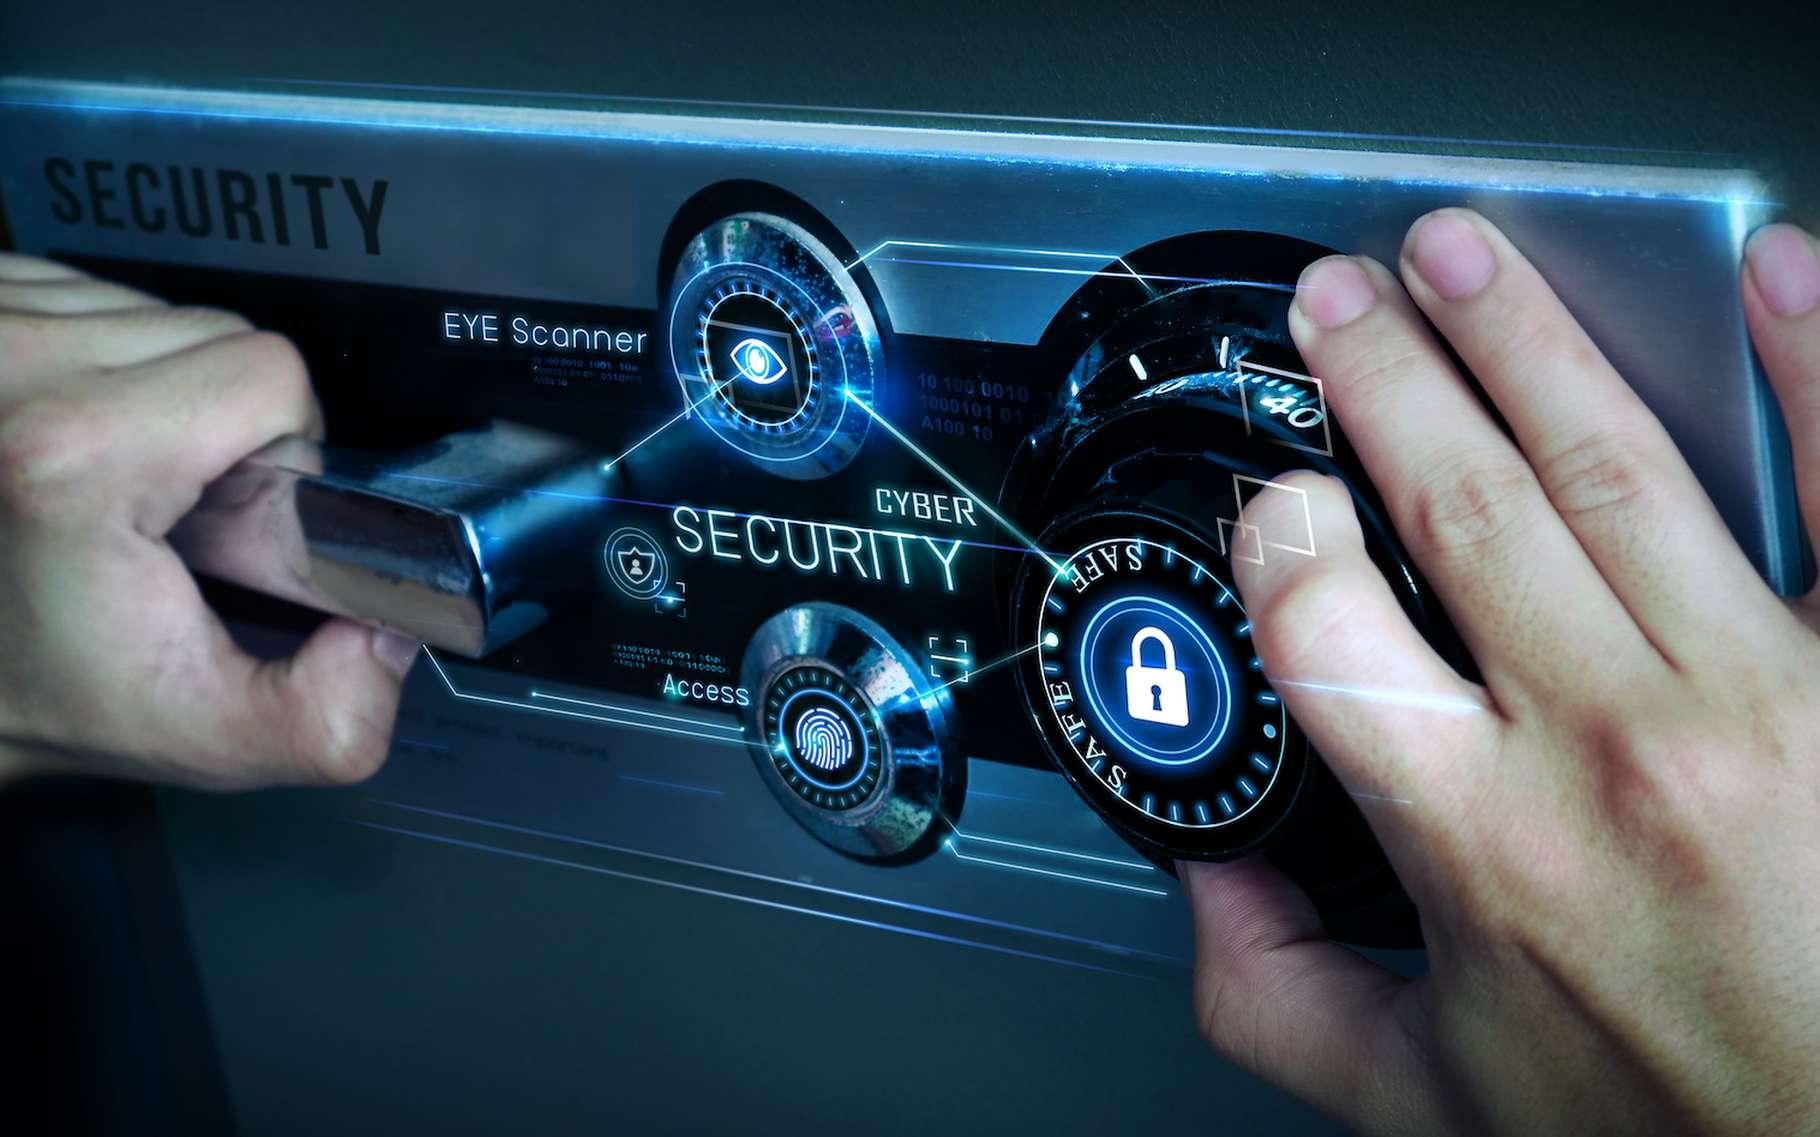 Les serrures intelligentes sont conçues pour limiter le risque d'intrusion, de panne ou de piratage. © Buffaloboy, Adobe Stock